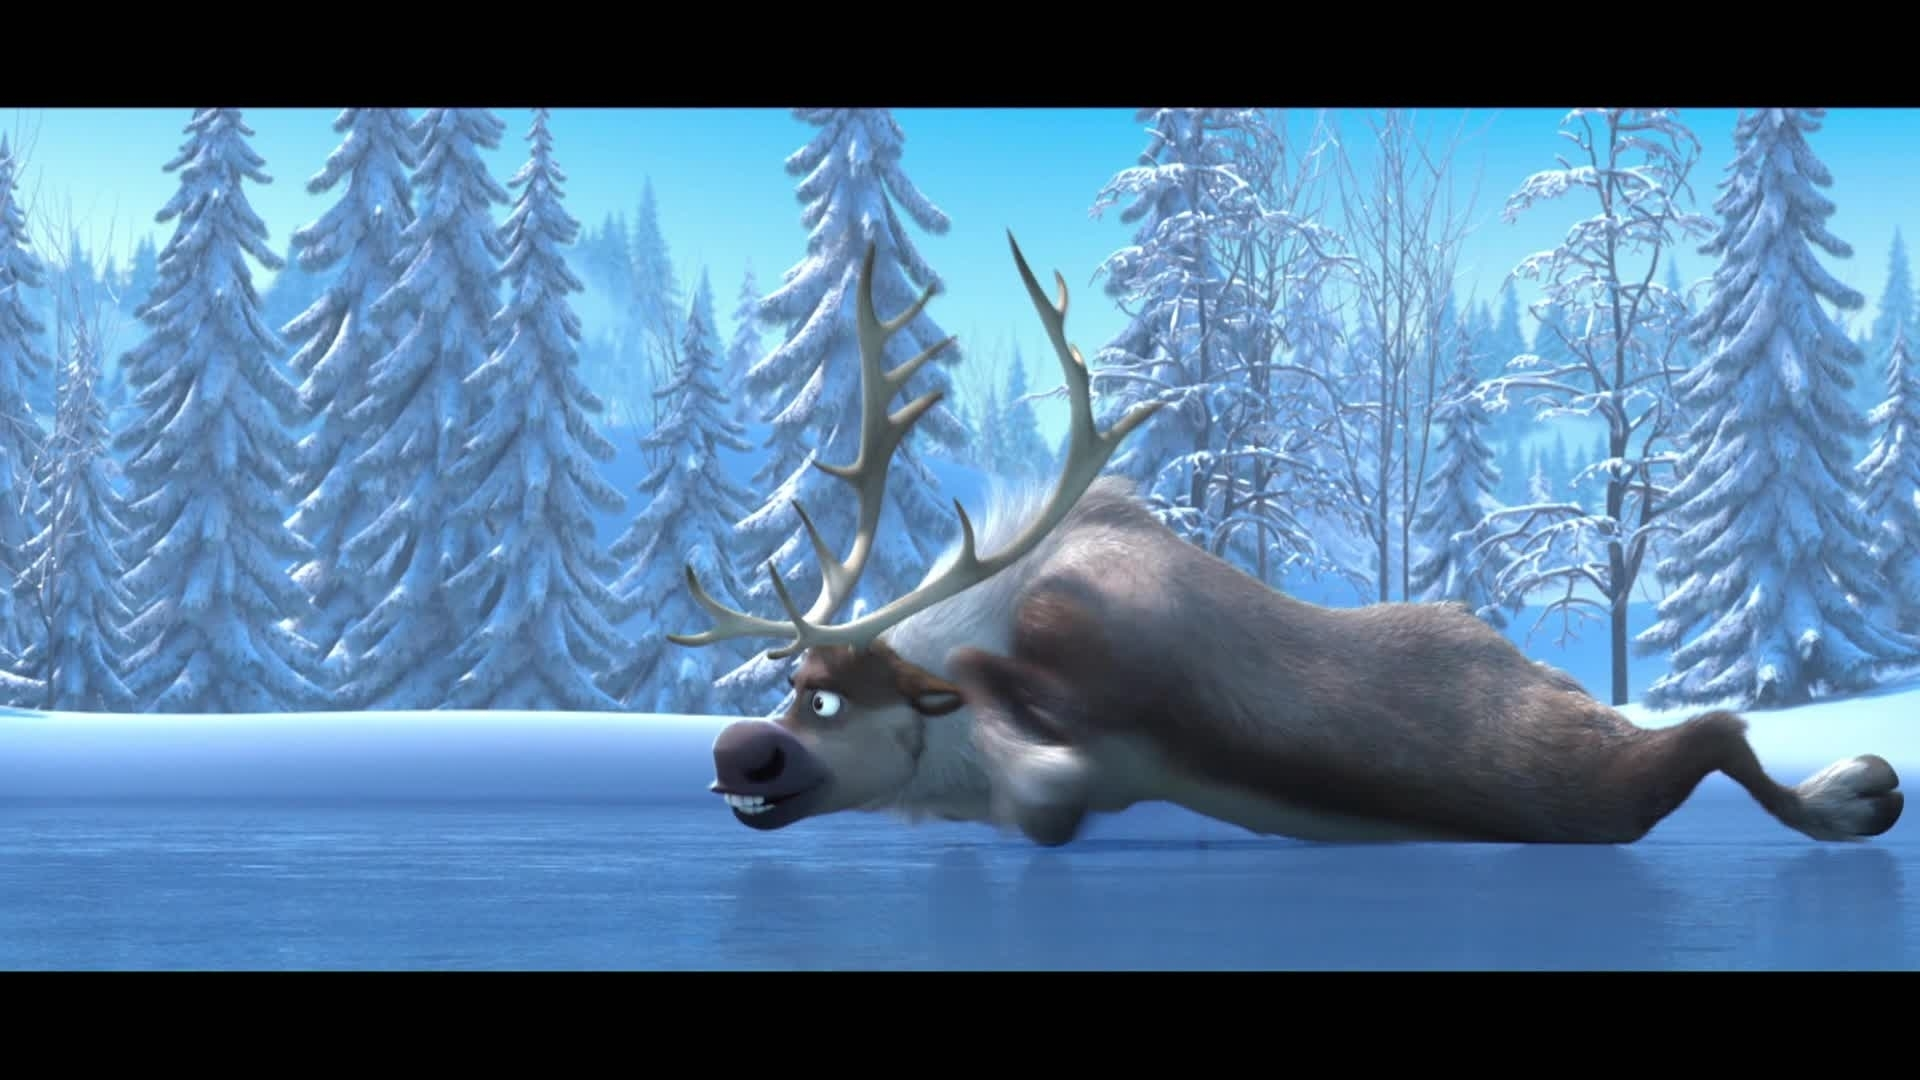 Los consejos veraniegos de Olaf - DIVERTIRSE CON LOS AMIGOS